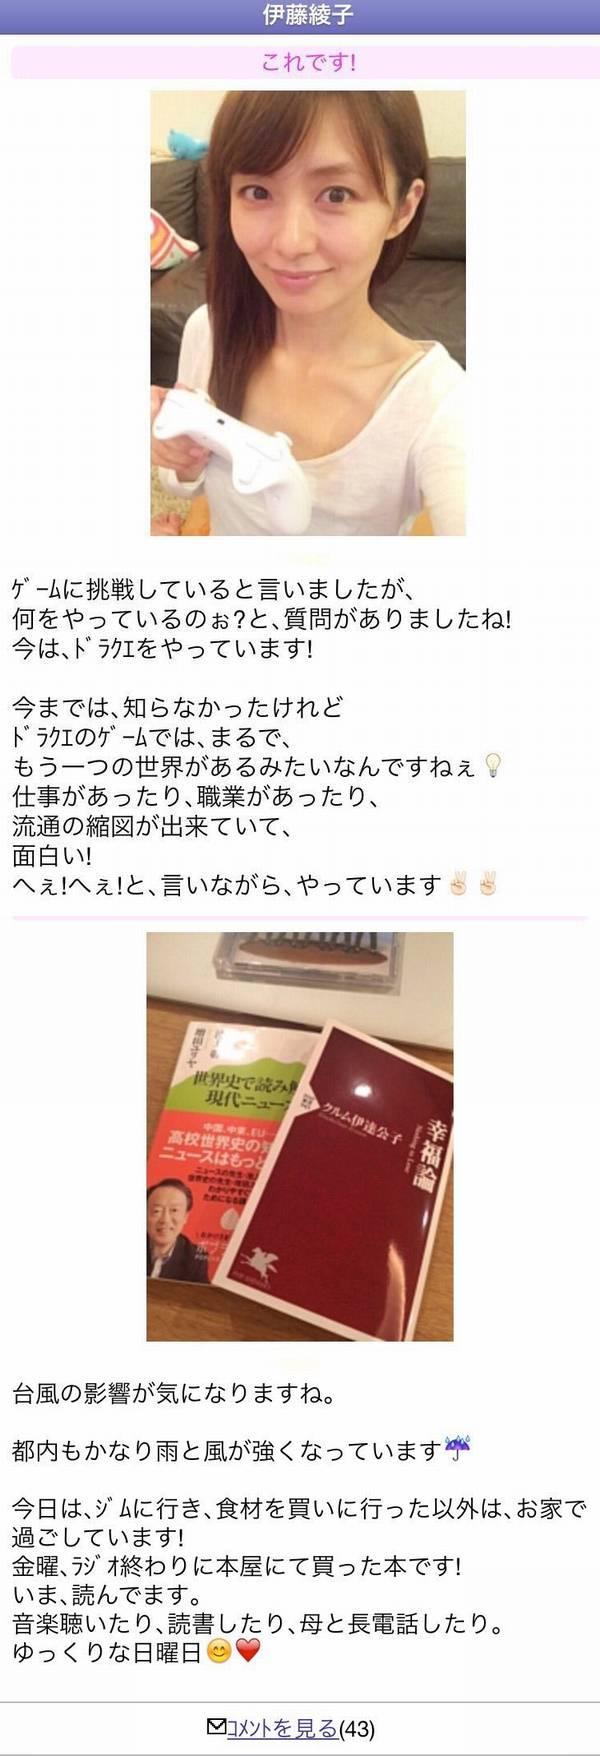 嵐・二宮和也と熱愛発覚の伊藤綾子アナ、ブログで彼女ですアピール3